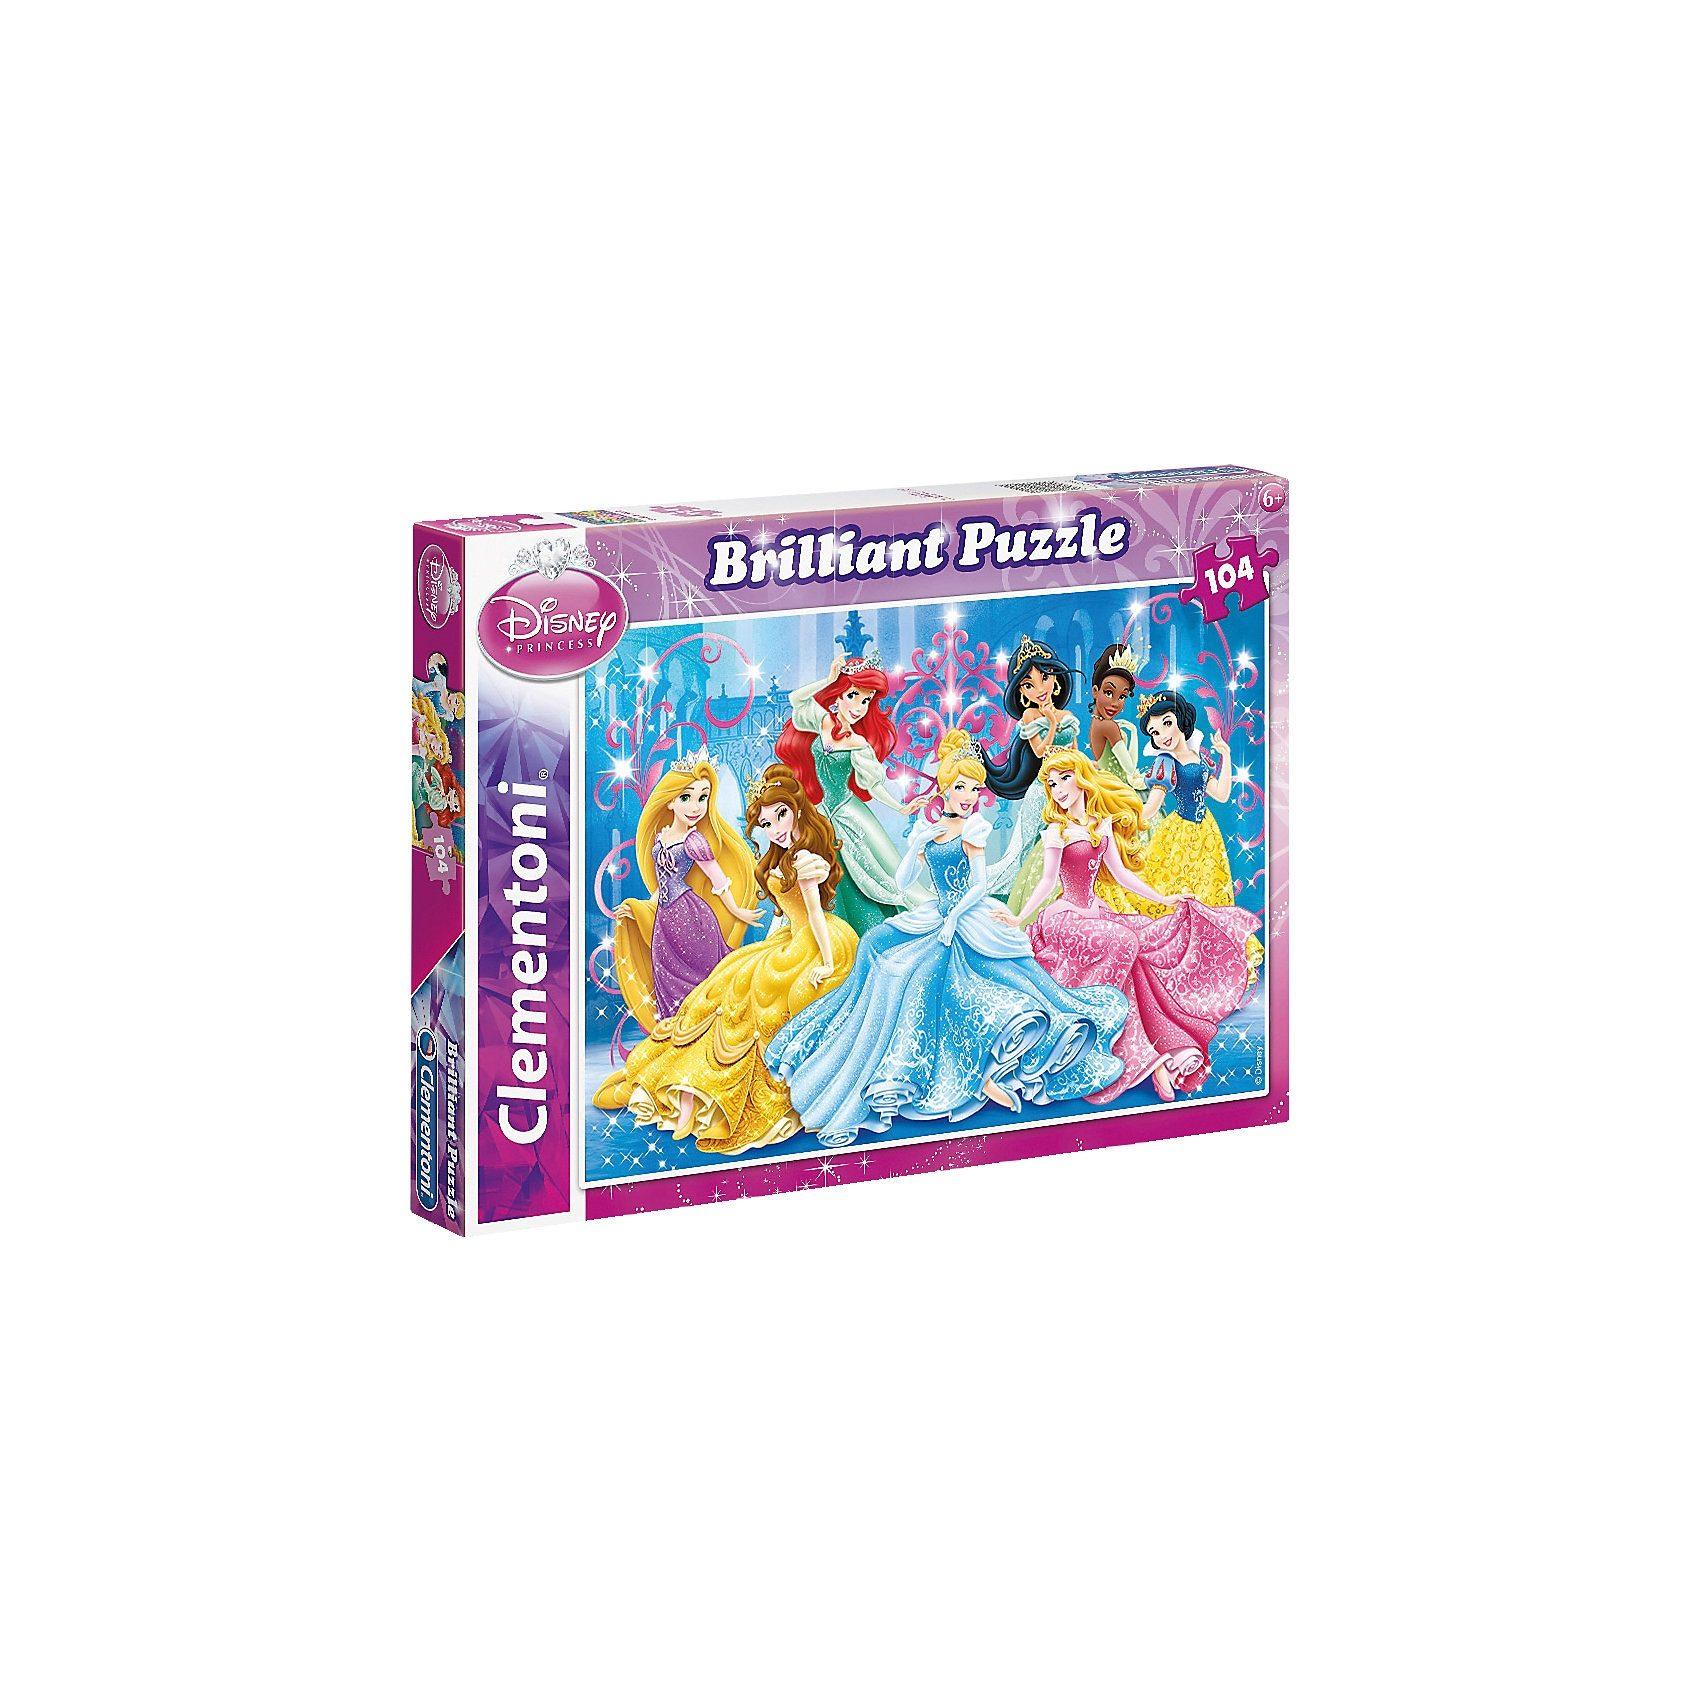 Clementoni Brilliant Puzzle 104 Teile - Disney Princess